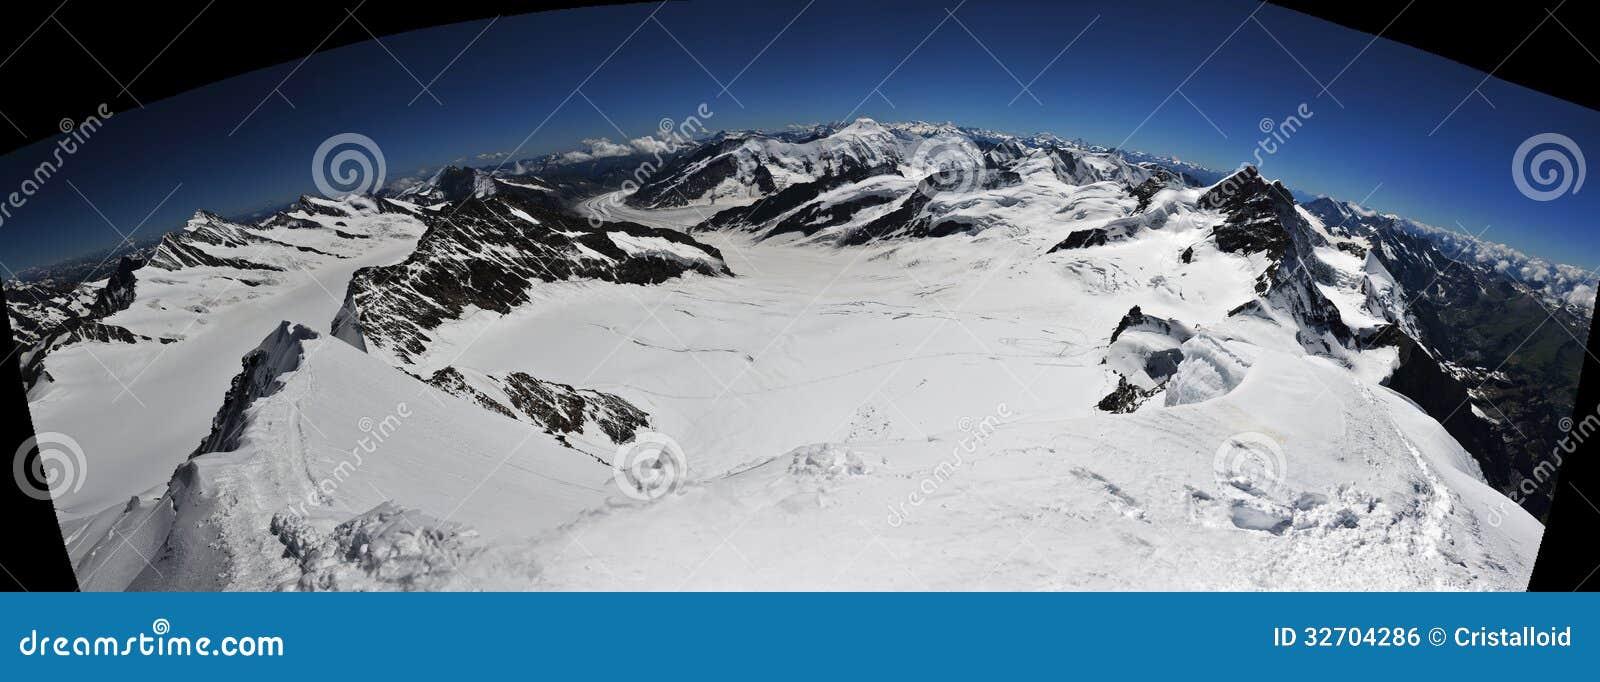 Groot panorama